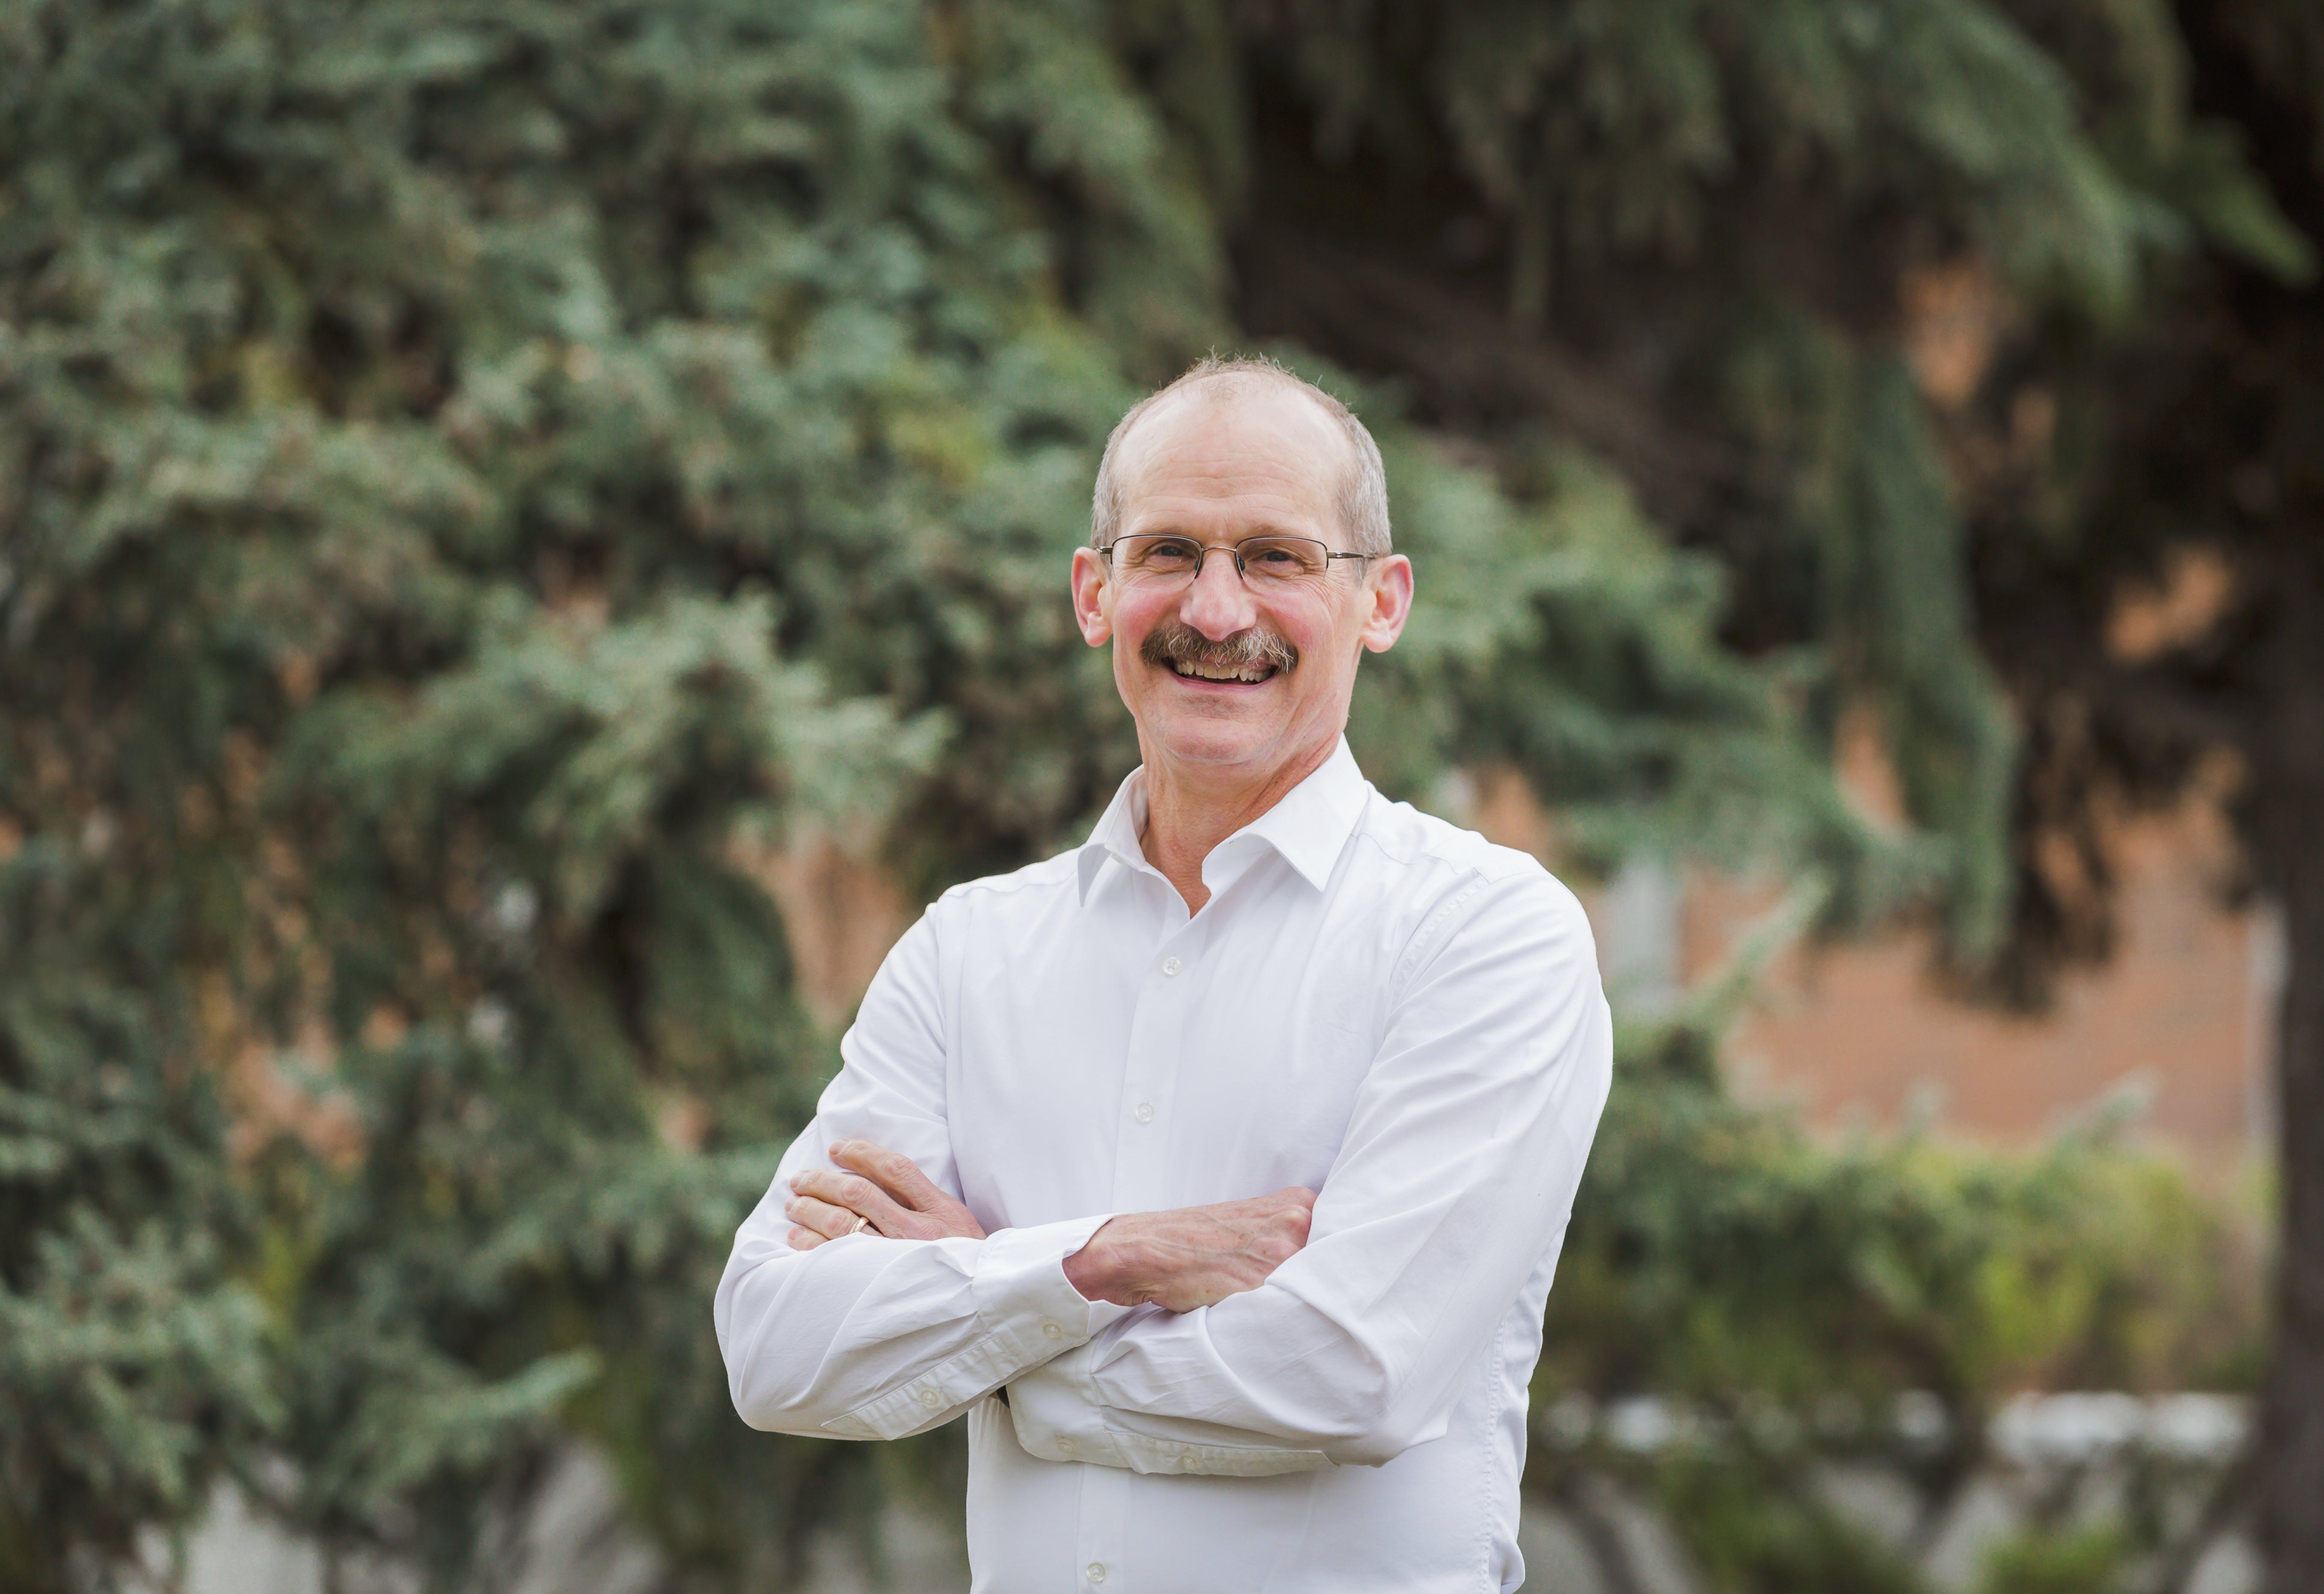 Jonathan Suttles, MS, PT